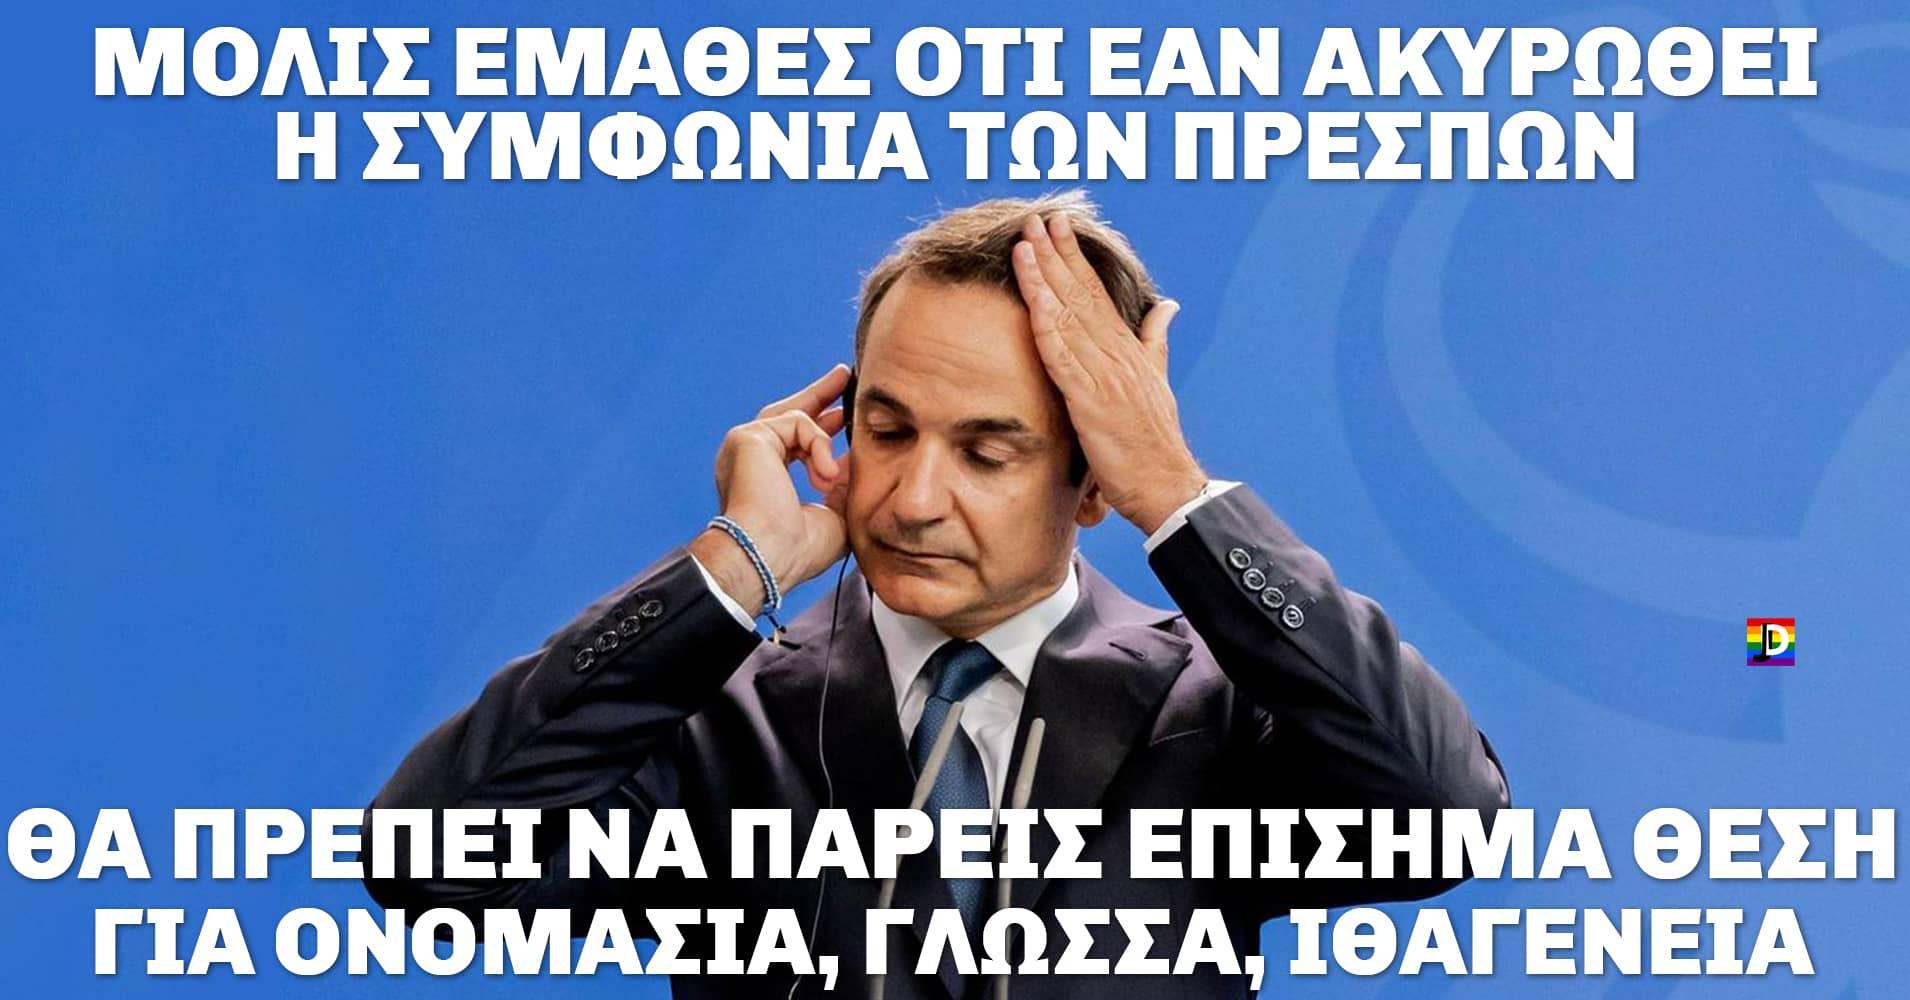 Πρόωρες εκλογές στην Βόρεια Μακεδονία!